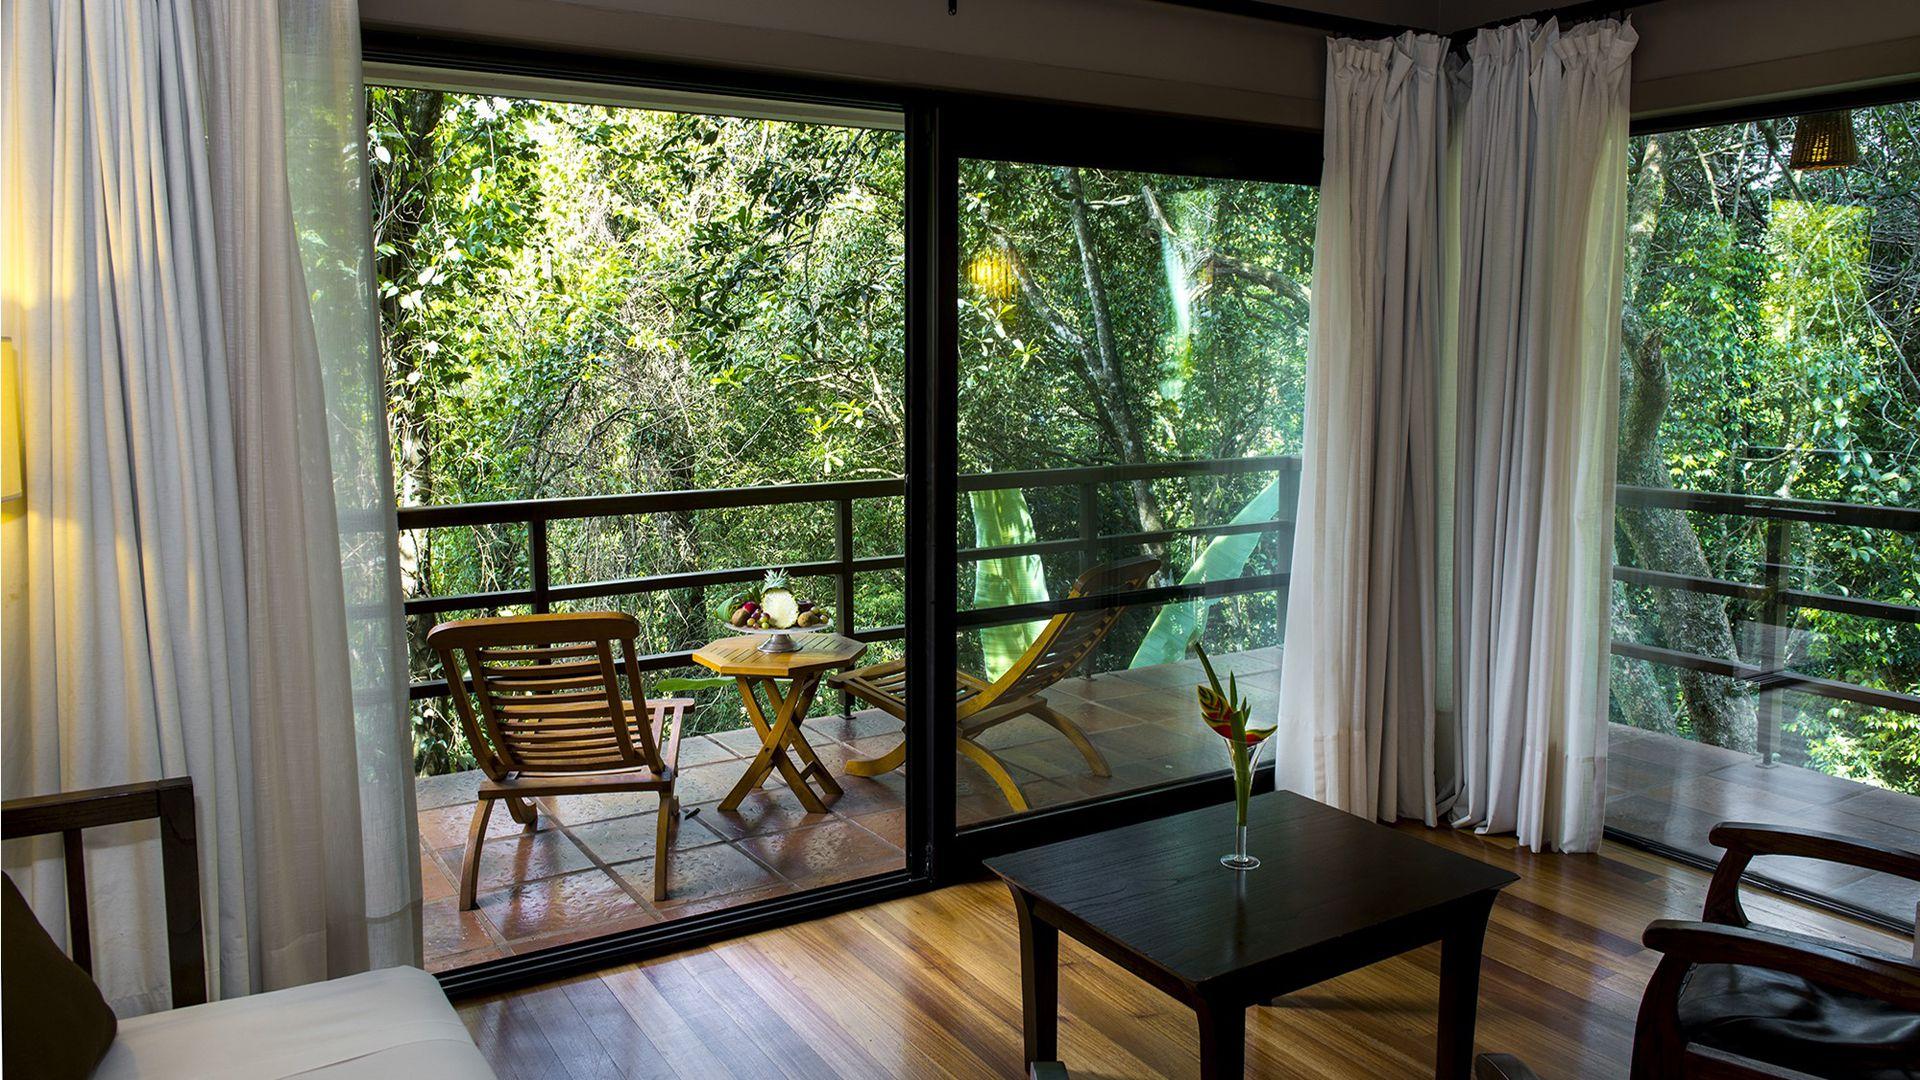 Una suite hotelera con vista a la exuberancia vegetal de Iguazú